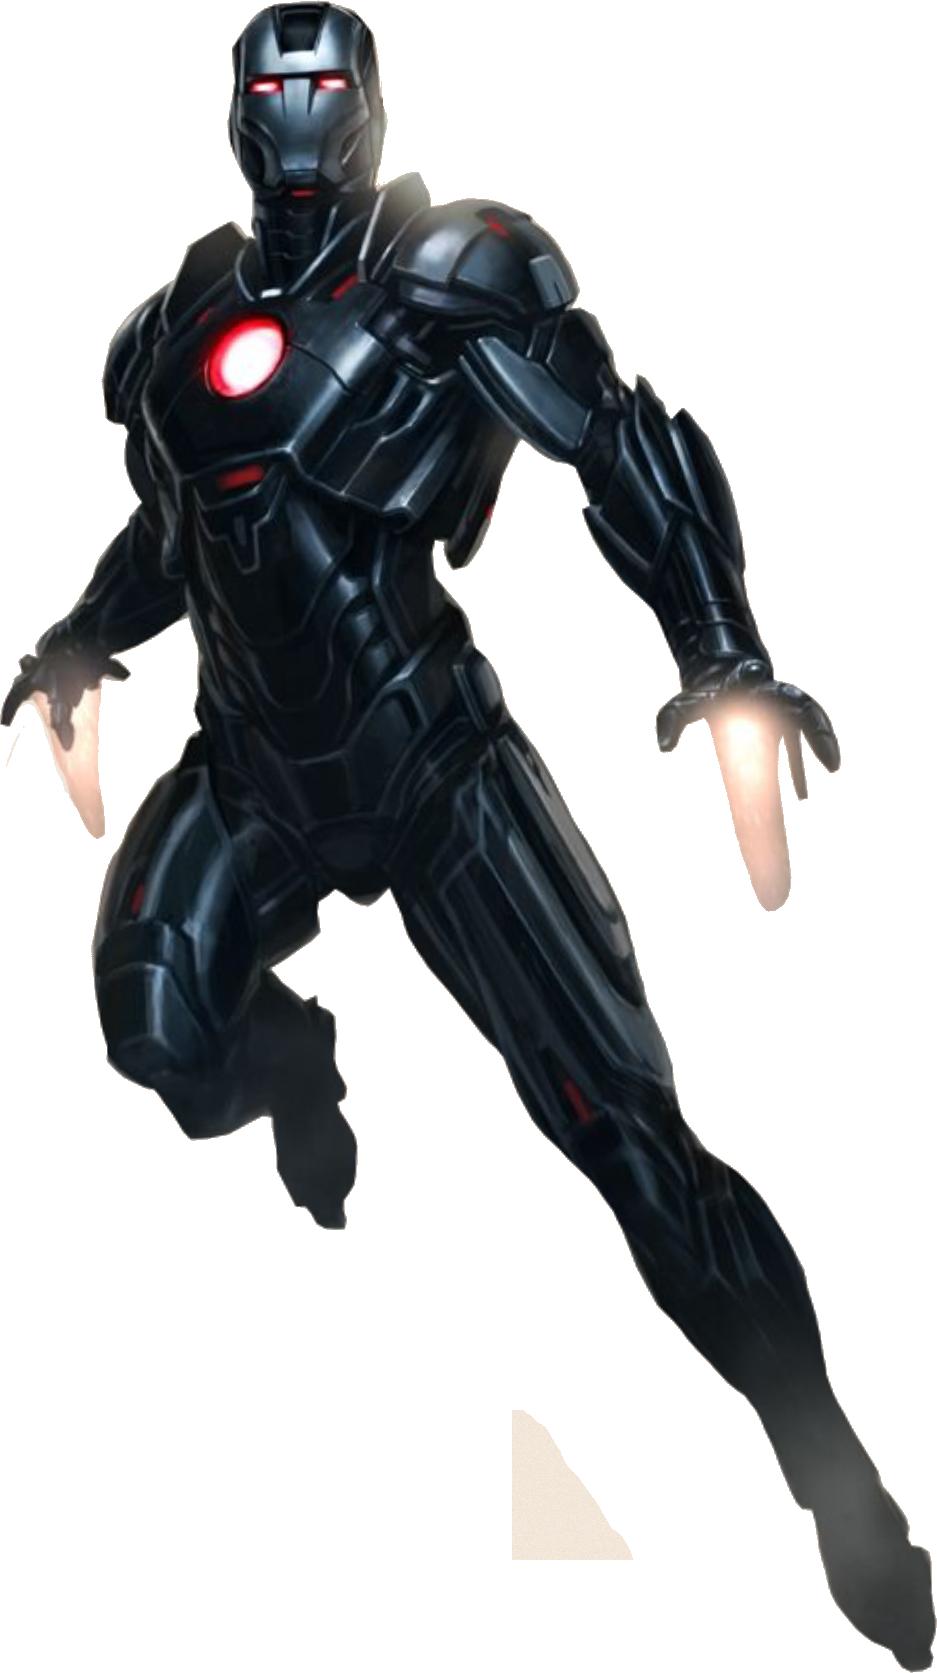 Mark Xvi Nightclub Iron Man Wiki Fandom Powered By Wikia